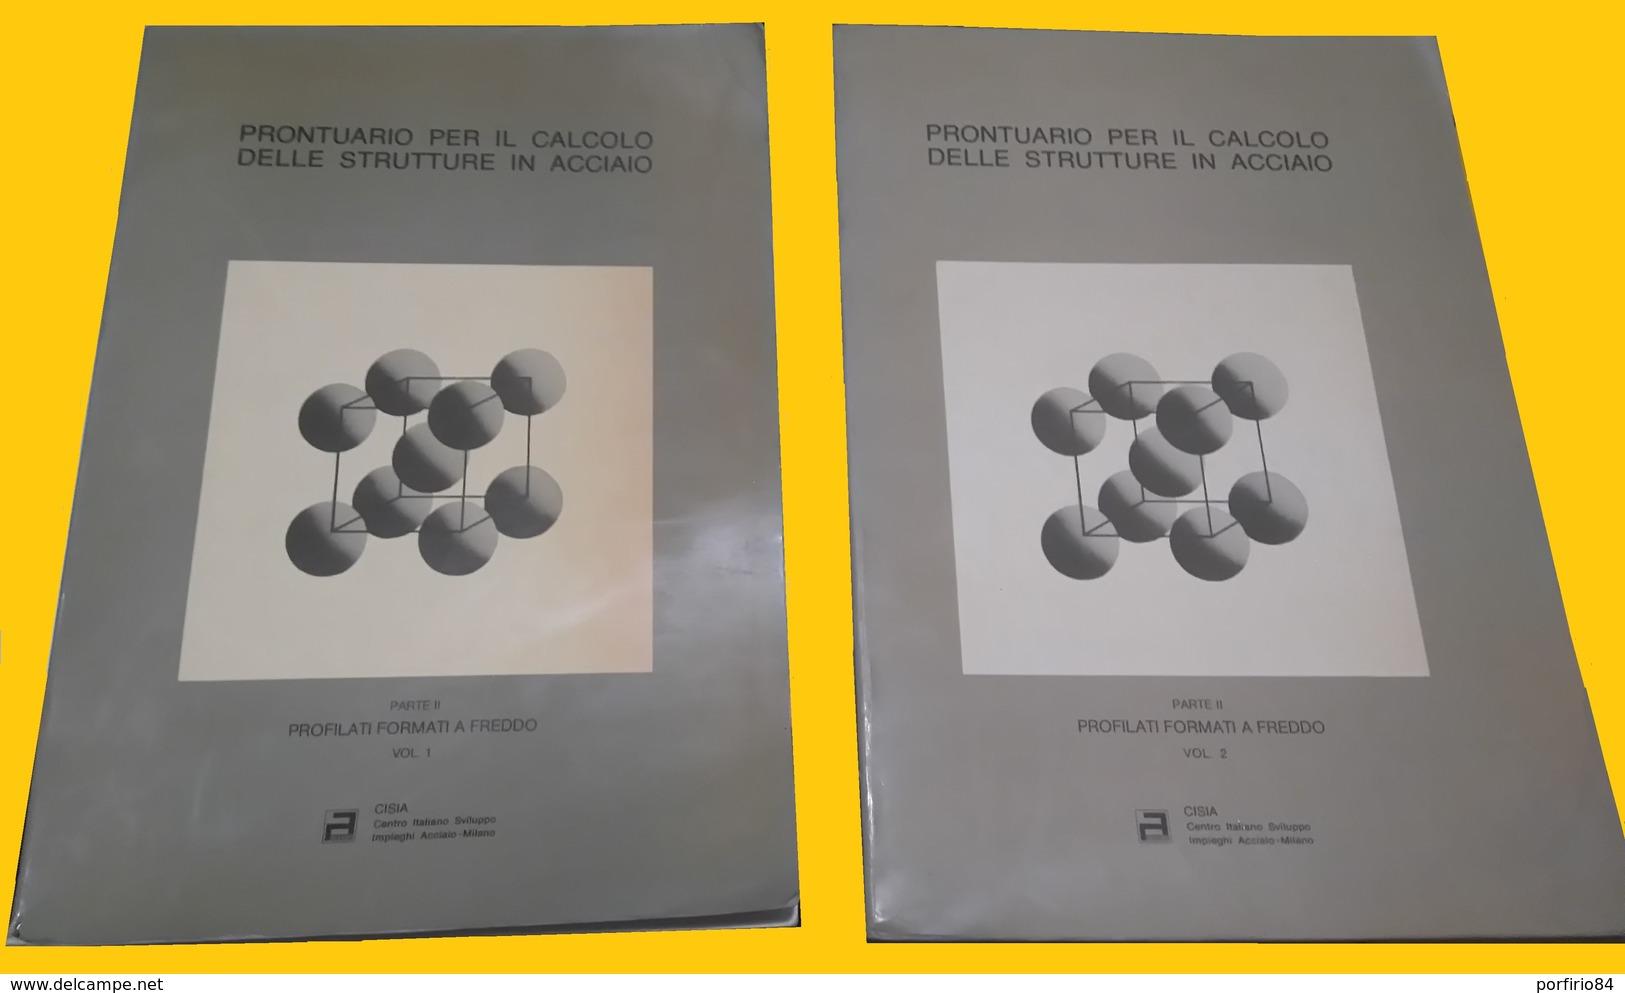 PRONTUARIO PER IL CALCOLO DELLE STRUTTURE IN ACCIAO - 1980 CISIA - 2 VOLUMI - Arte, Architettura